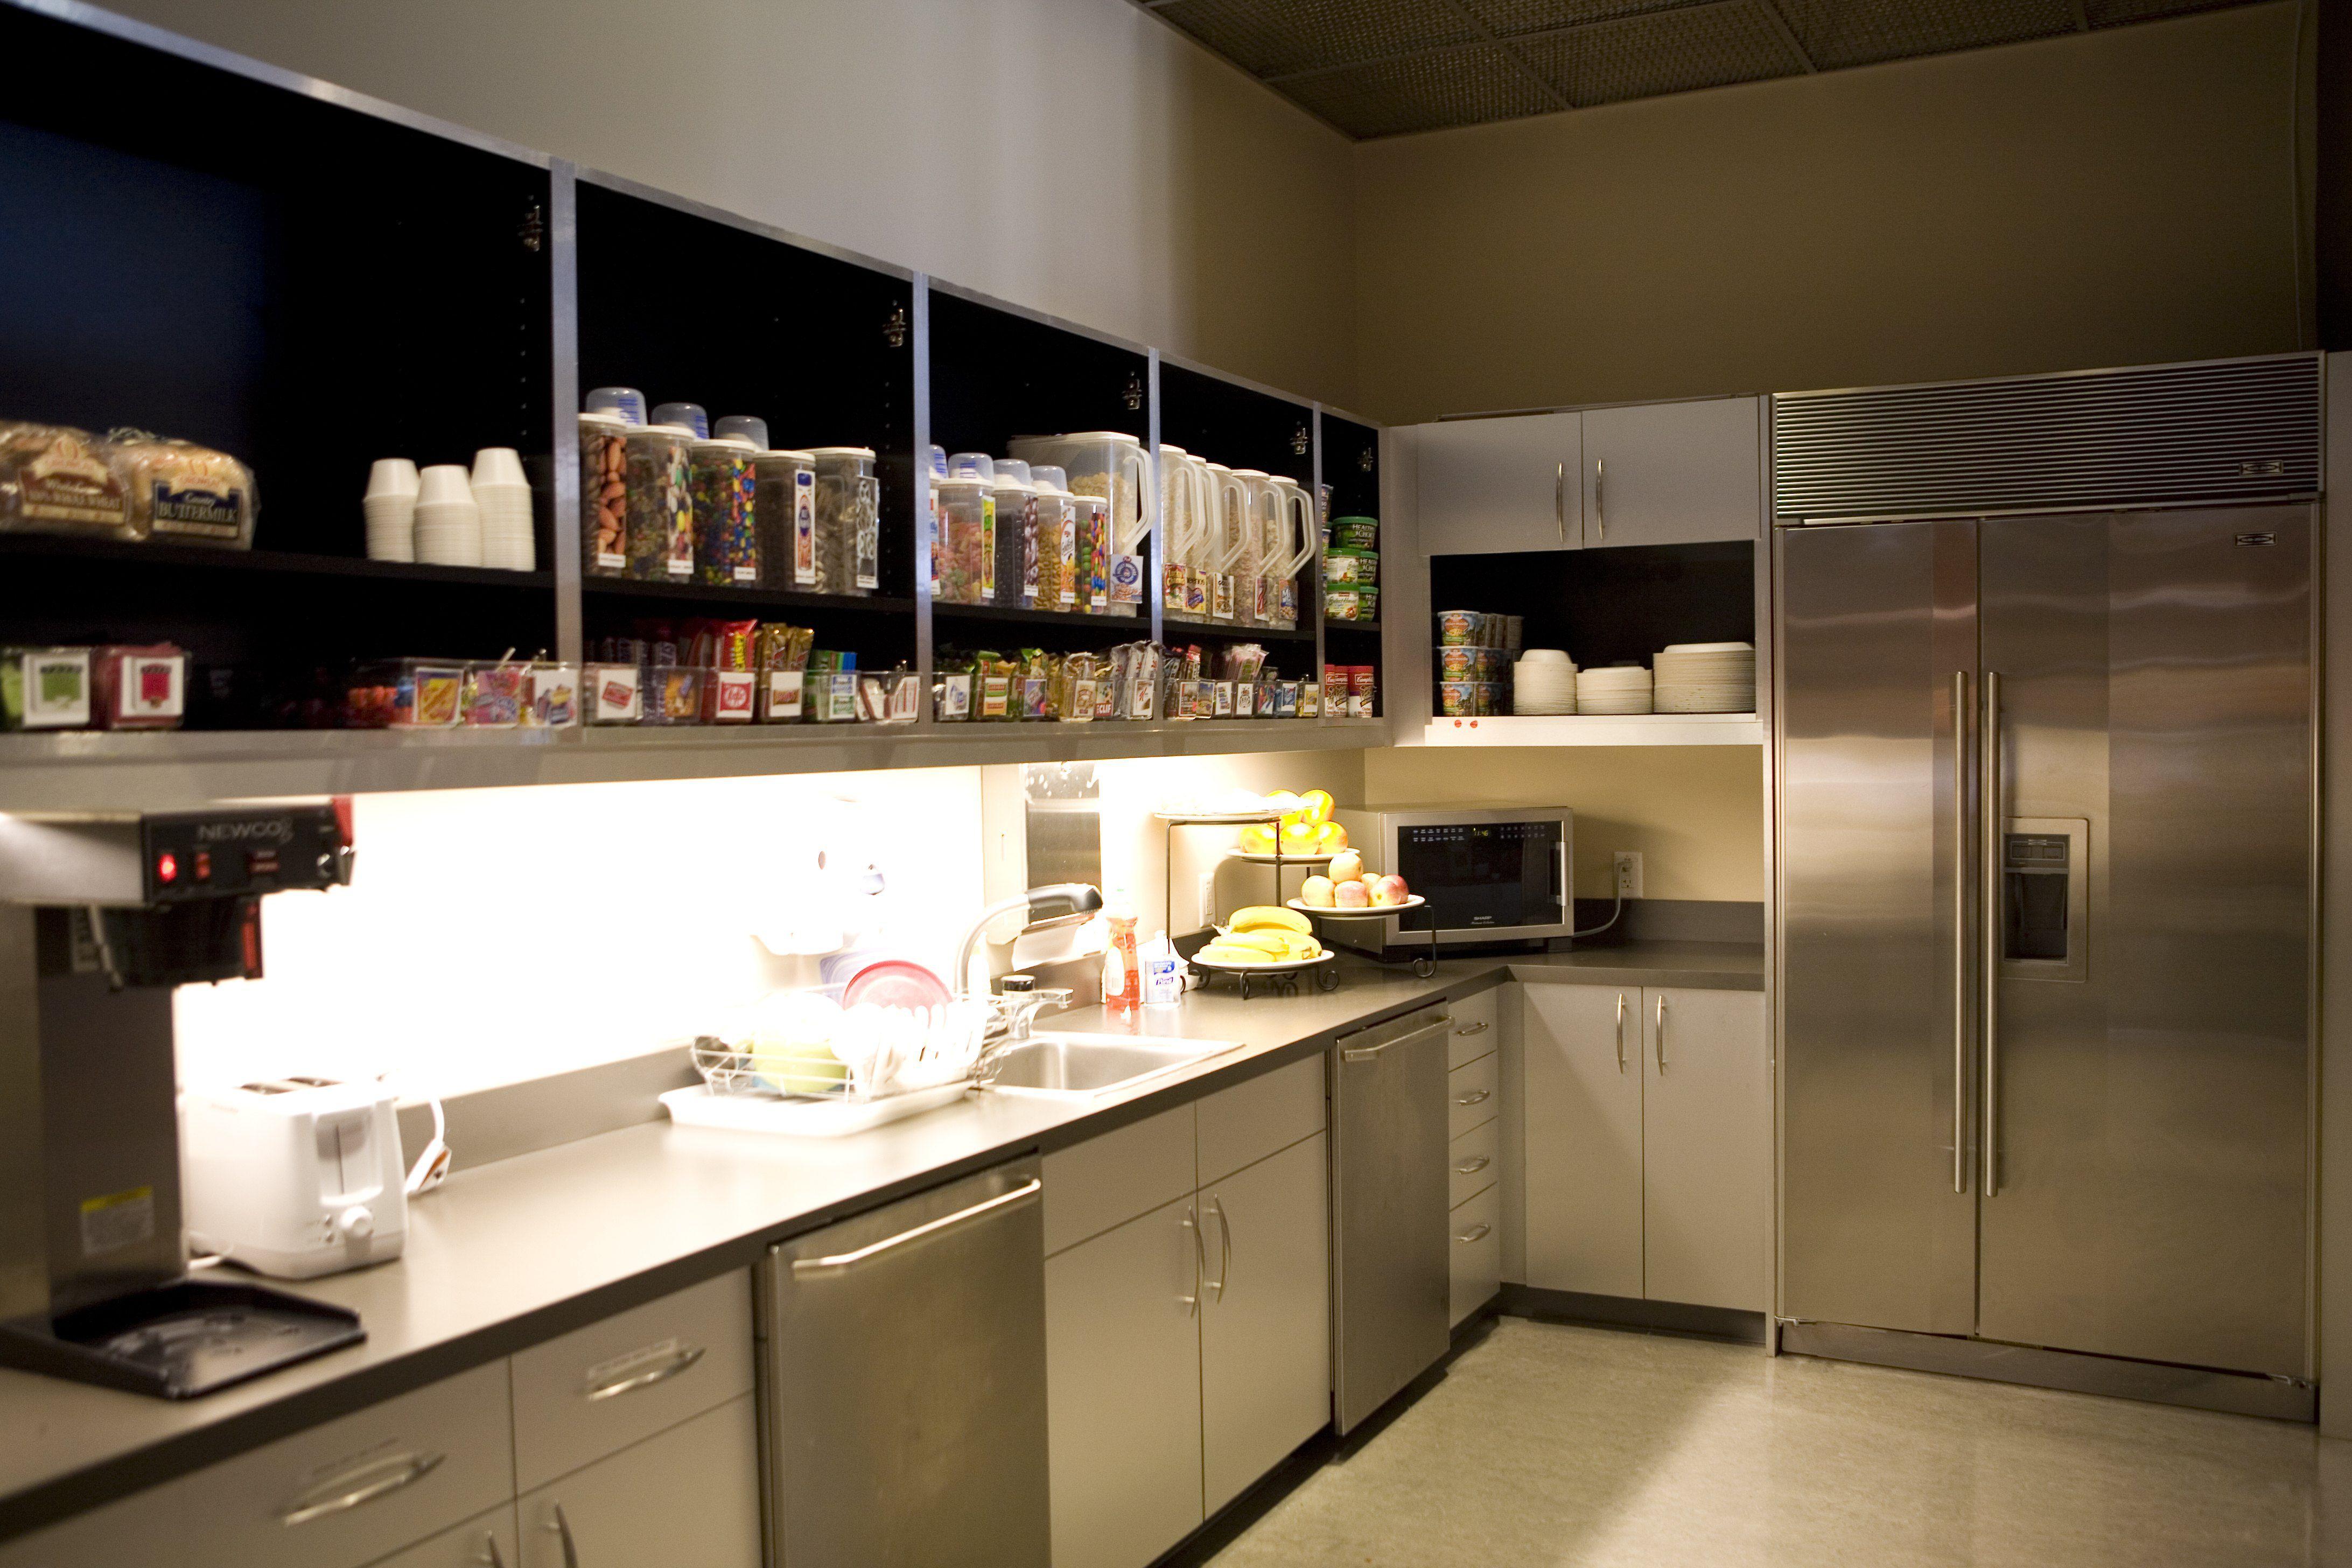 Dos paredes de una cocina de acero inoxidable